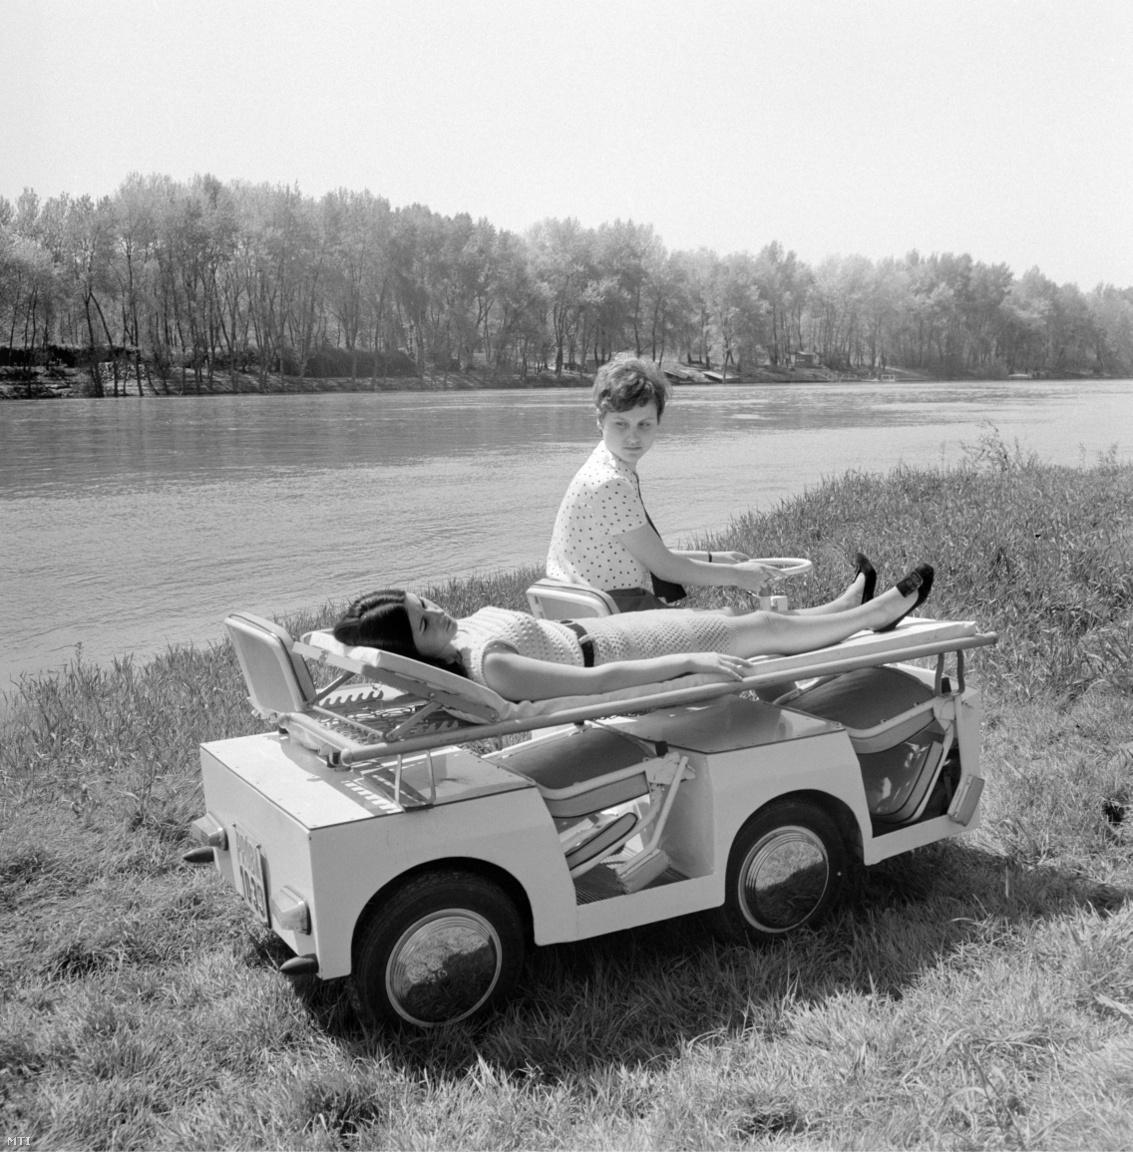 A Tisza elnevezésű magyar kísérleti elektromos kisautó próbaúton 1969. április 30-án. Az ülés támlájának lehajtásával hordágy szerelhető az elektromos kisautóra. Az Országos Reuma és Fürdőintézet megrendelésére készített kisautót a pavilonok közötti betegszállításra kívánták alkalmazni